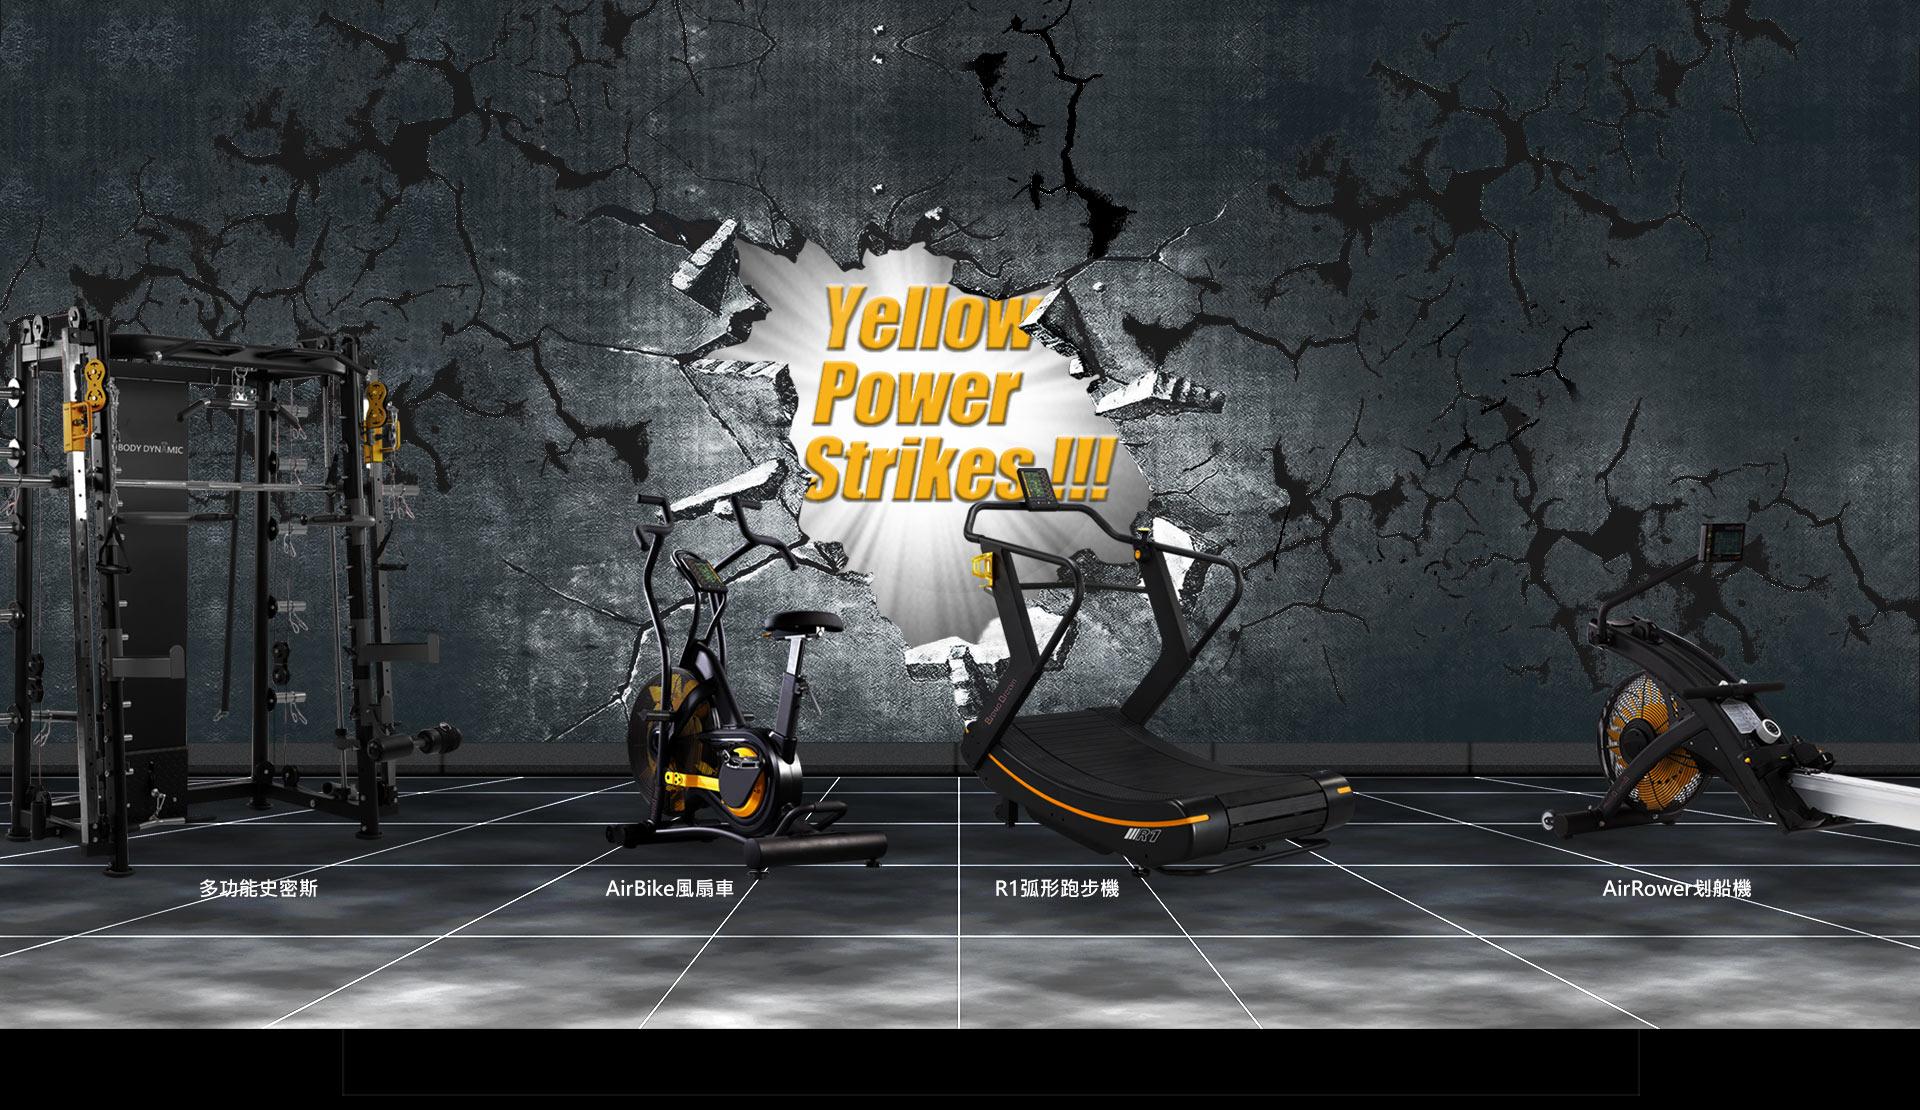 Yellow power strikes